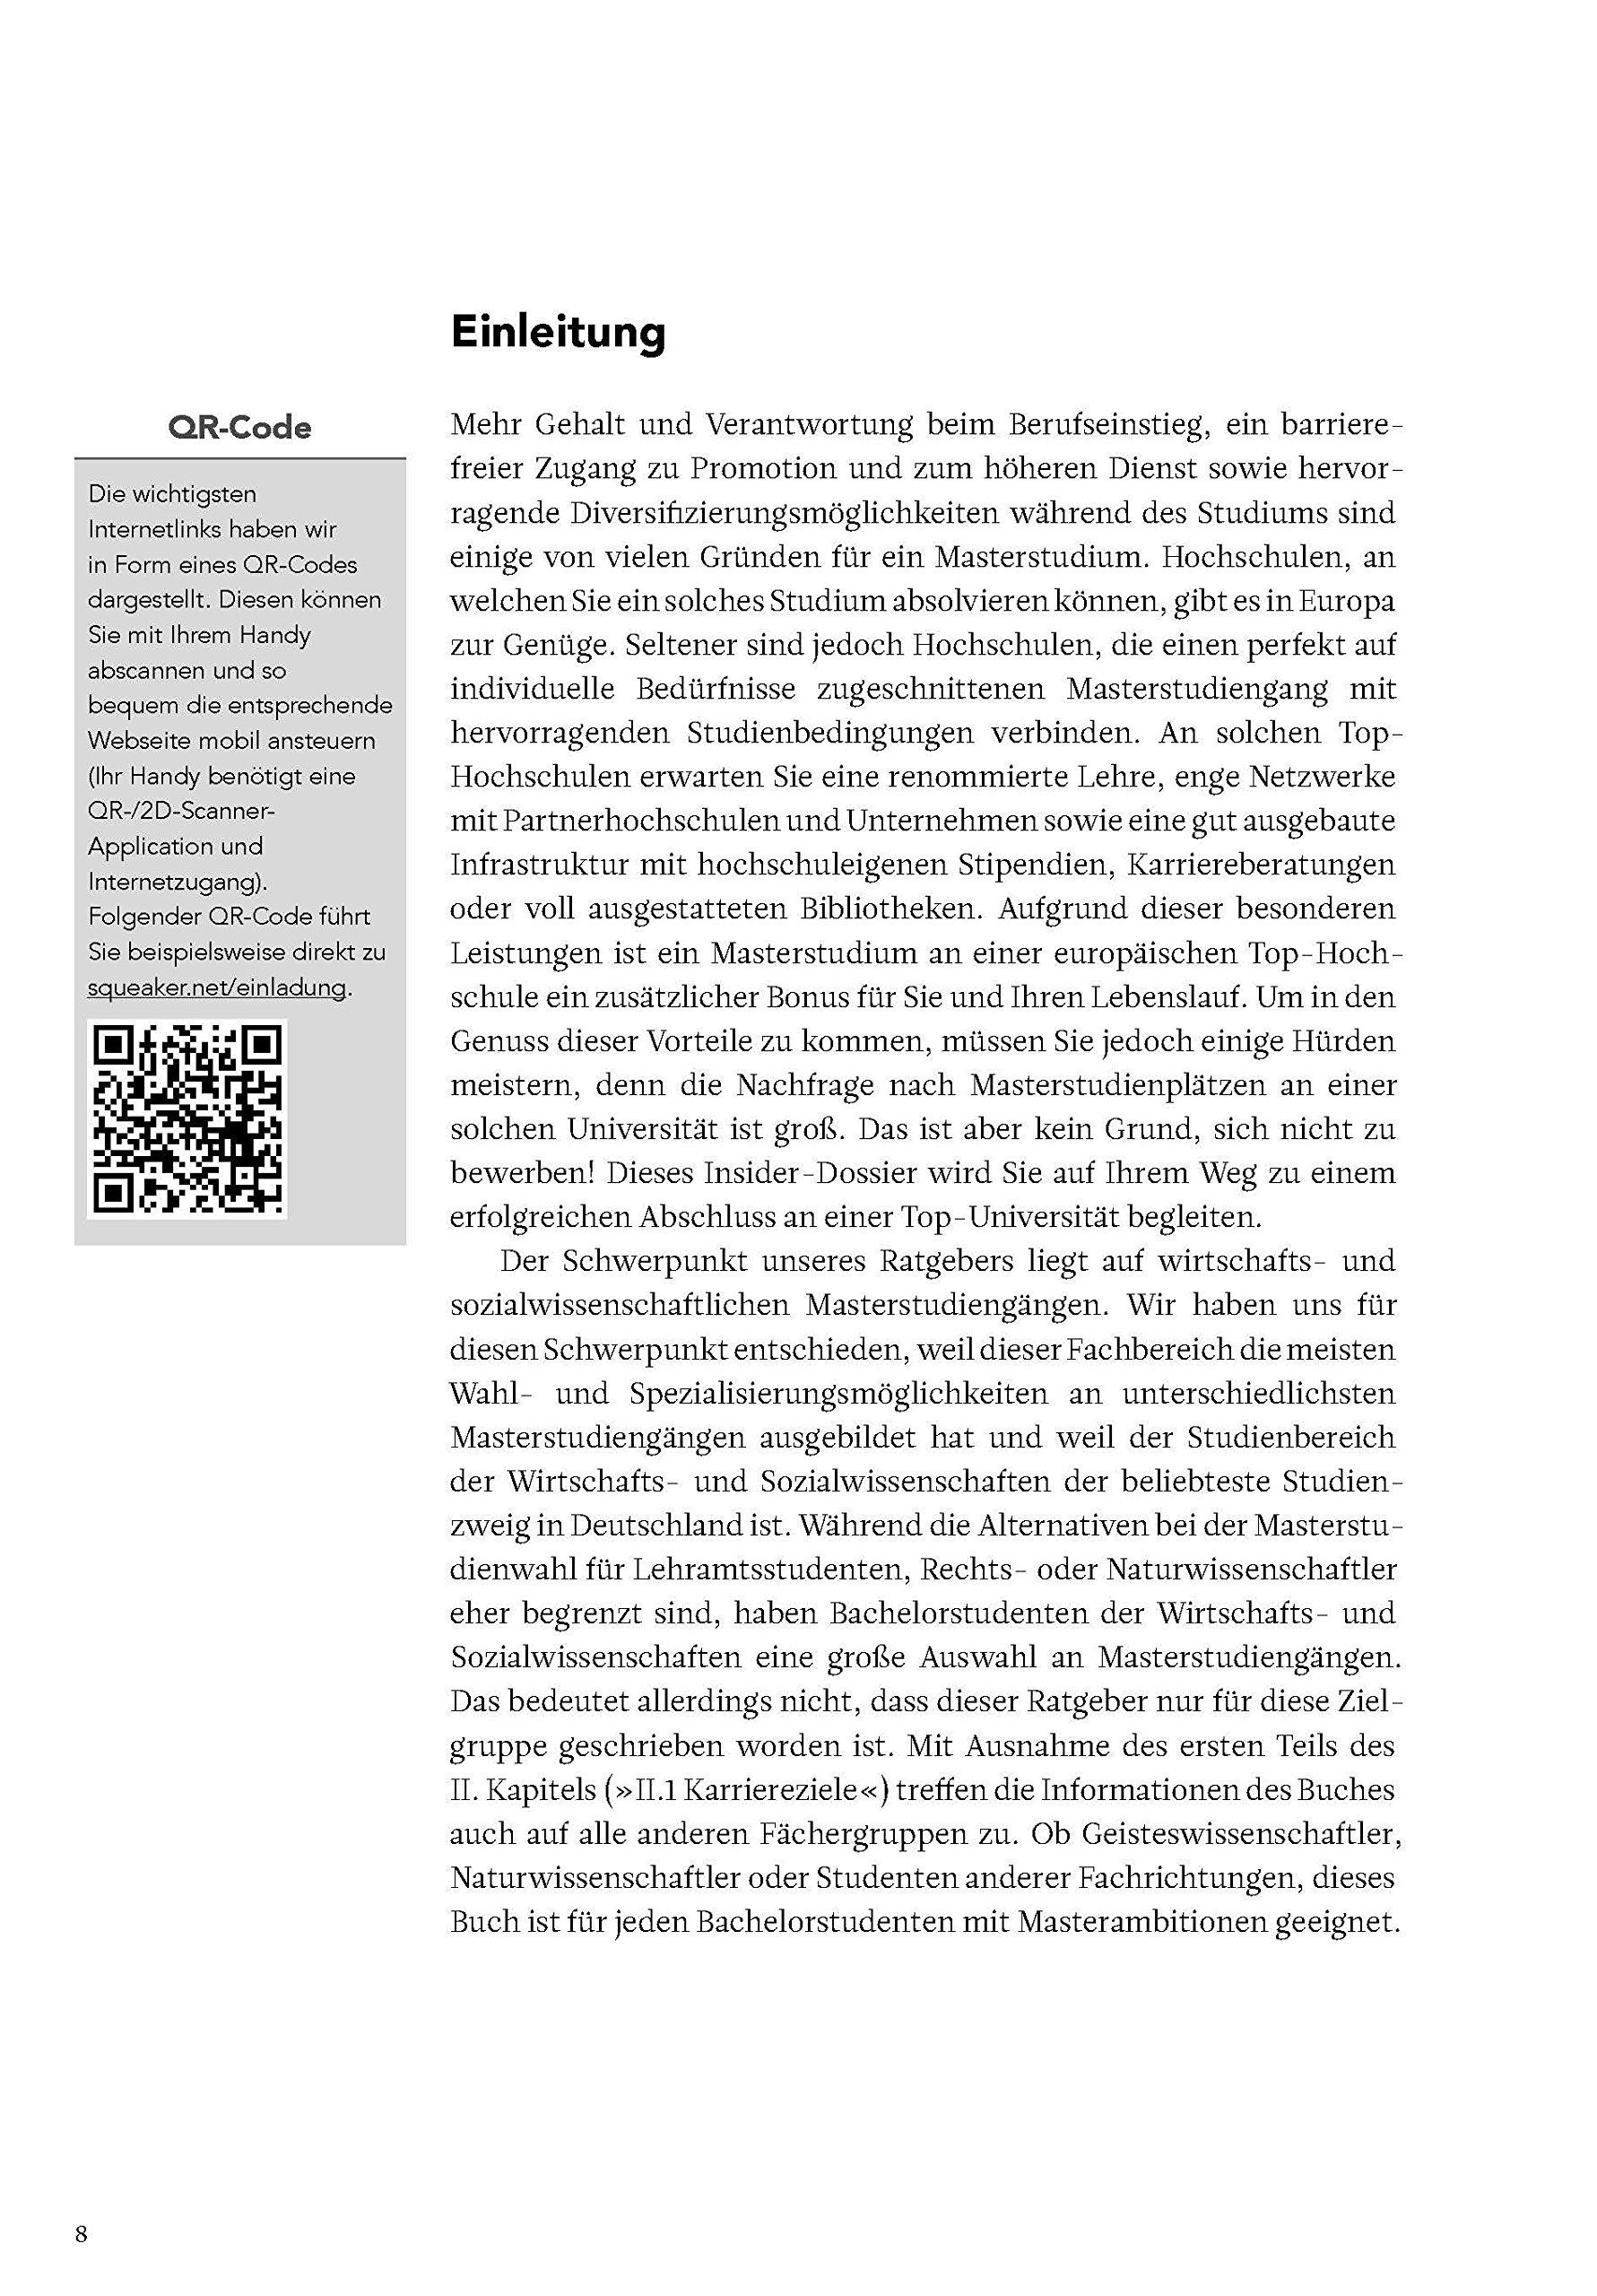 Das Insider-Dossier: Das Master-Studium: Der Weg zum erfolgreichen - Lena  Salm, Hans Mengler - Amazon.de: Bücher